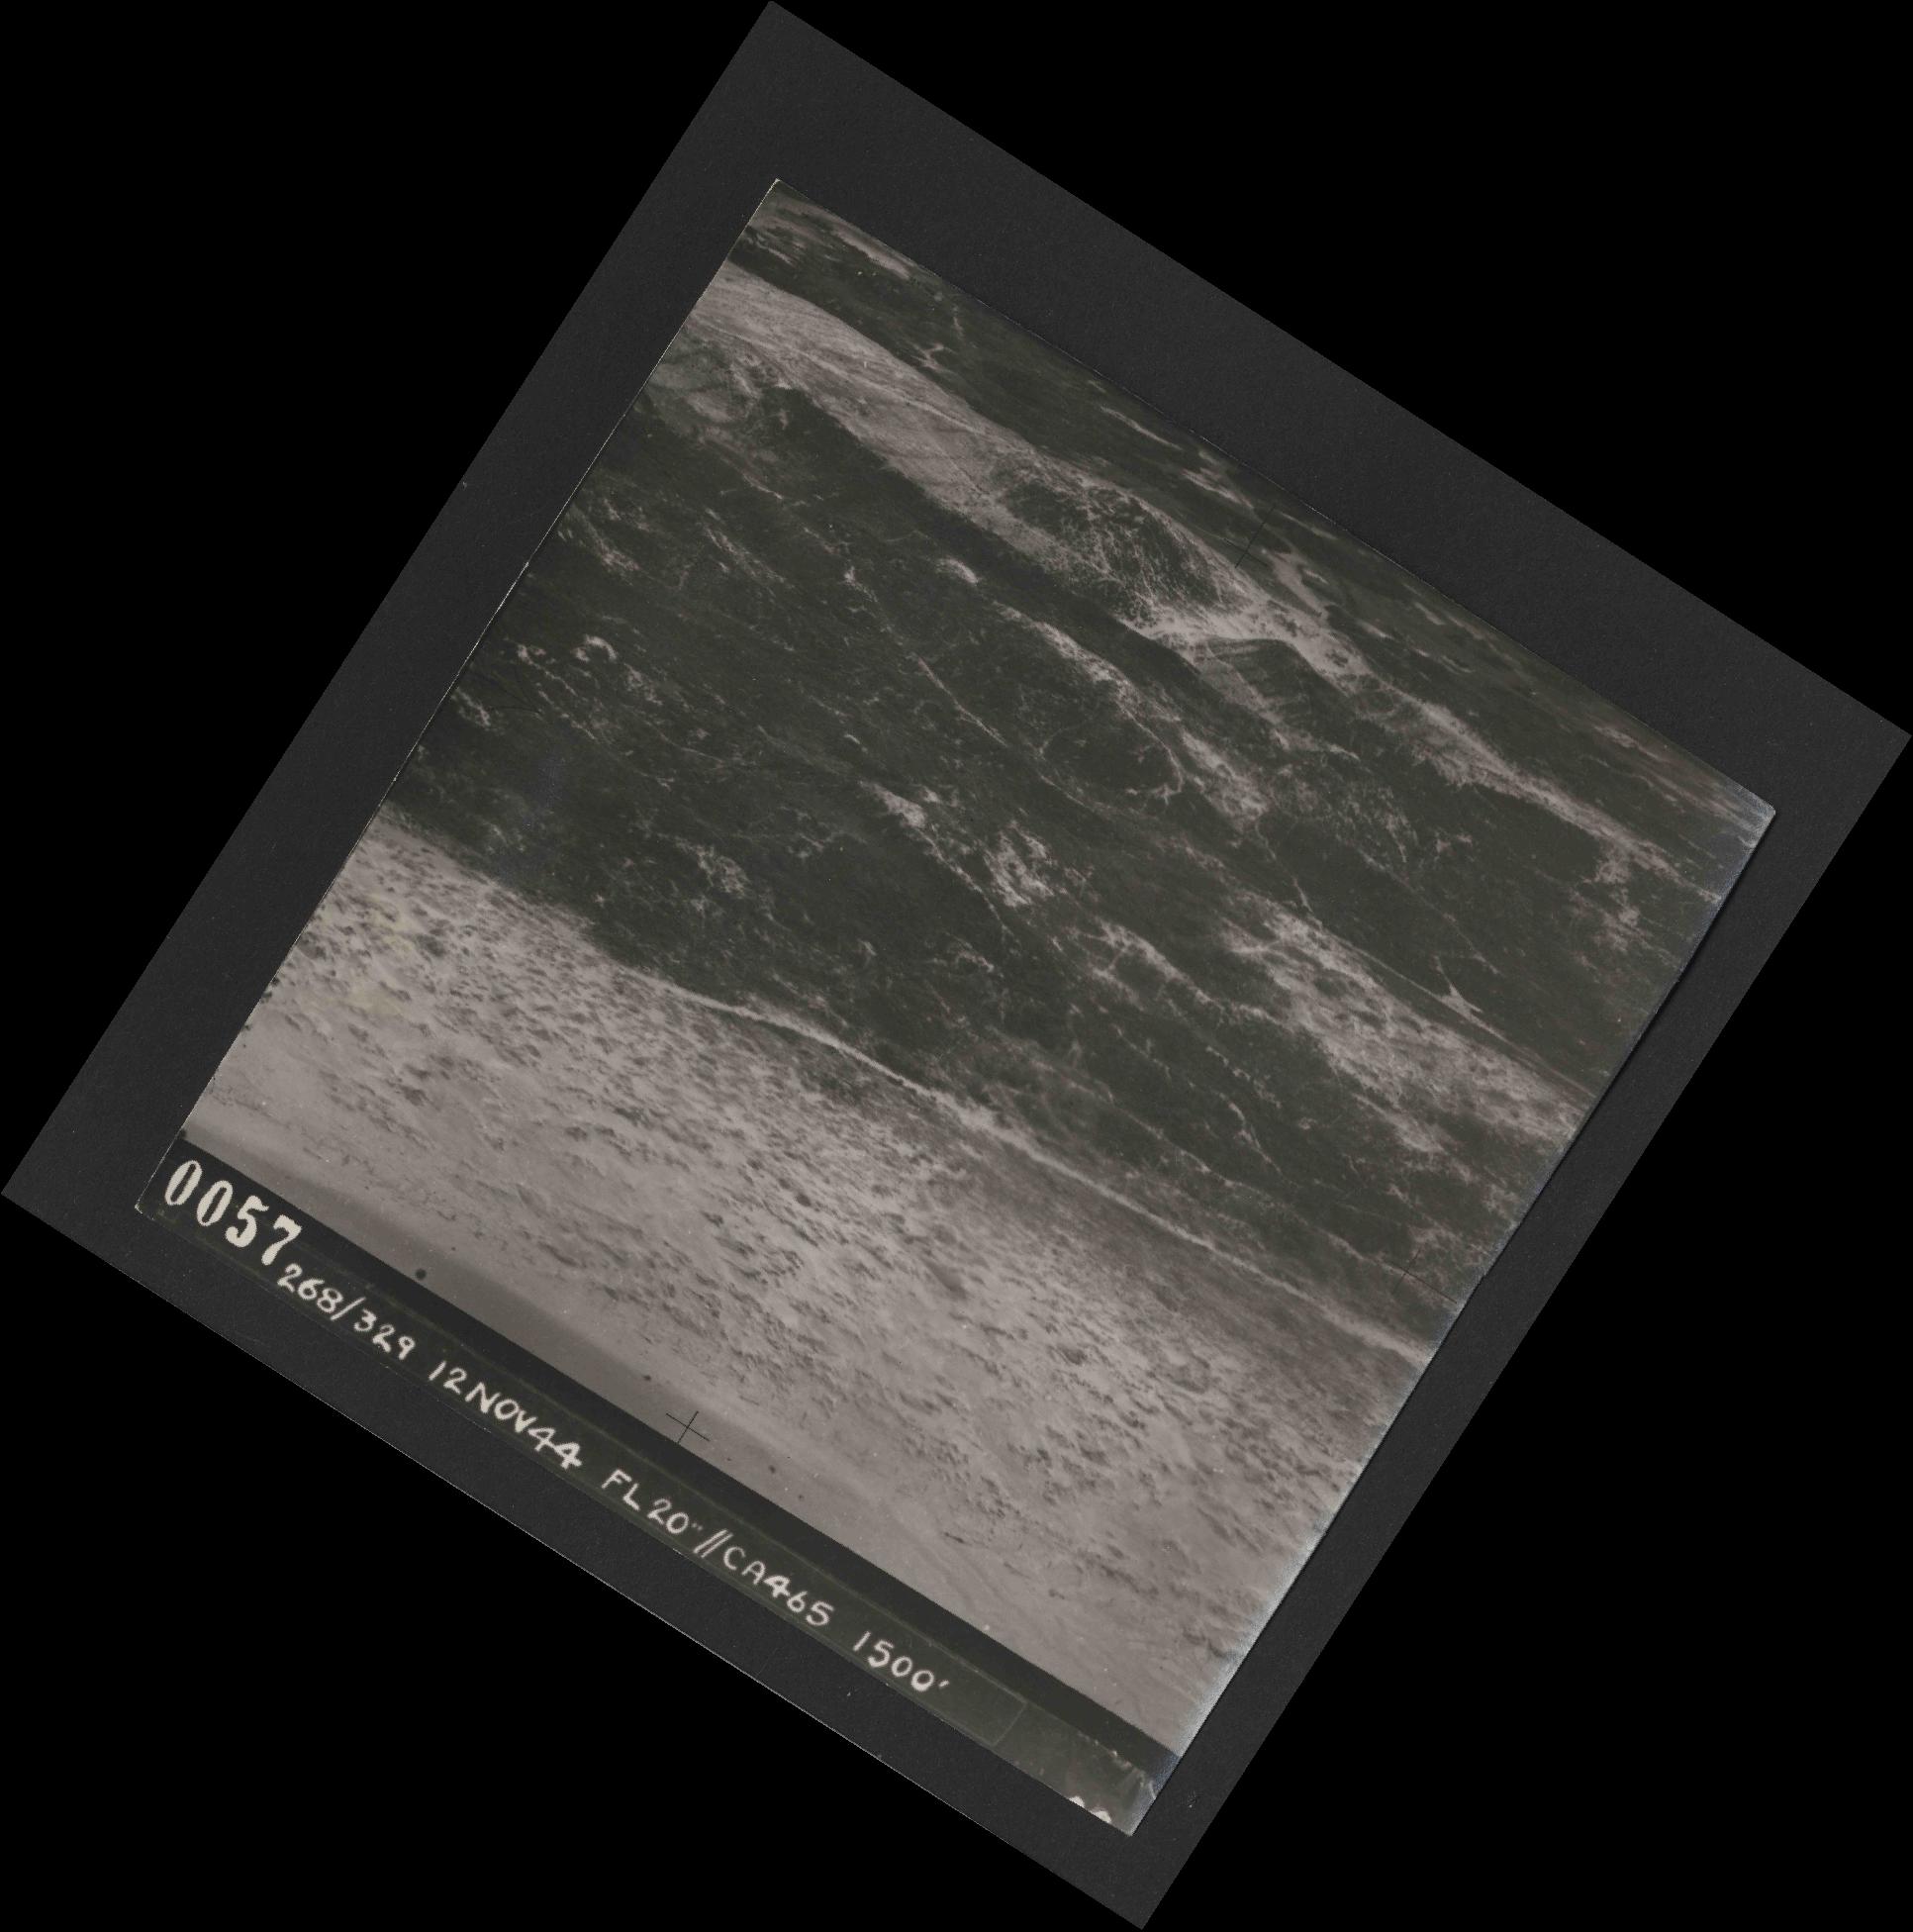 Collection RAF aerial photos 1940-1945 - flight 553, run 01, photo 0057